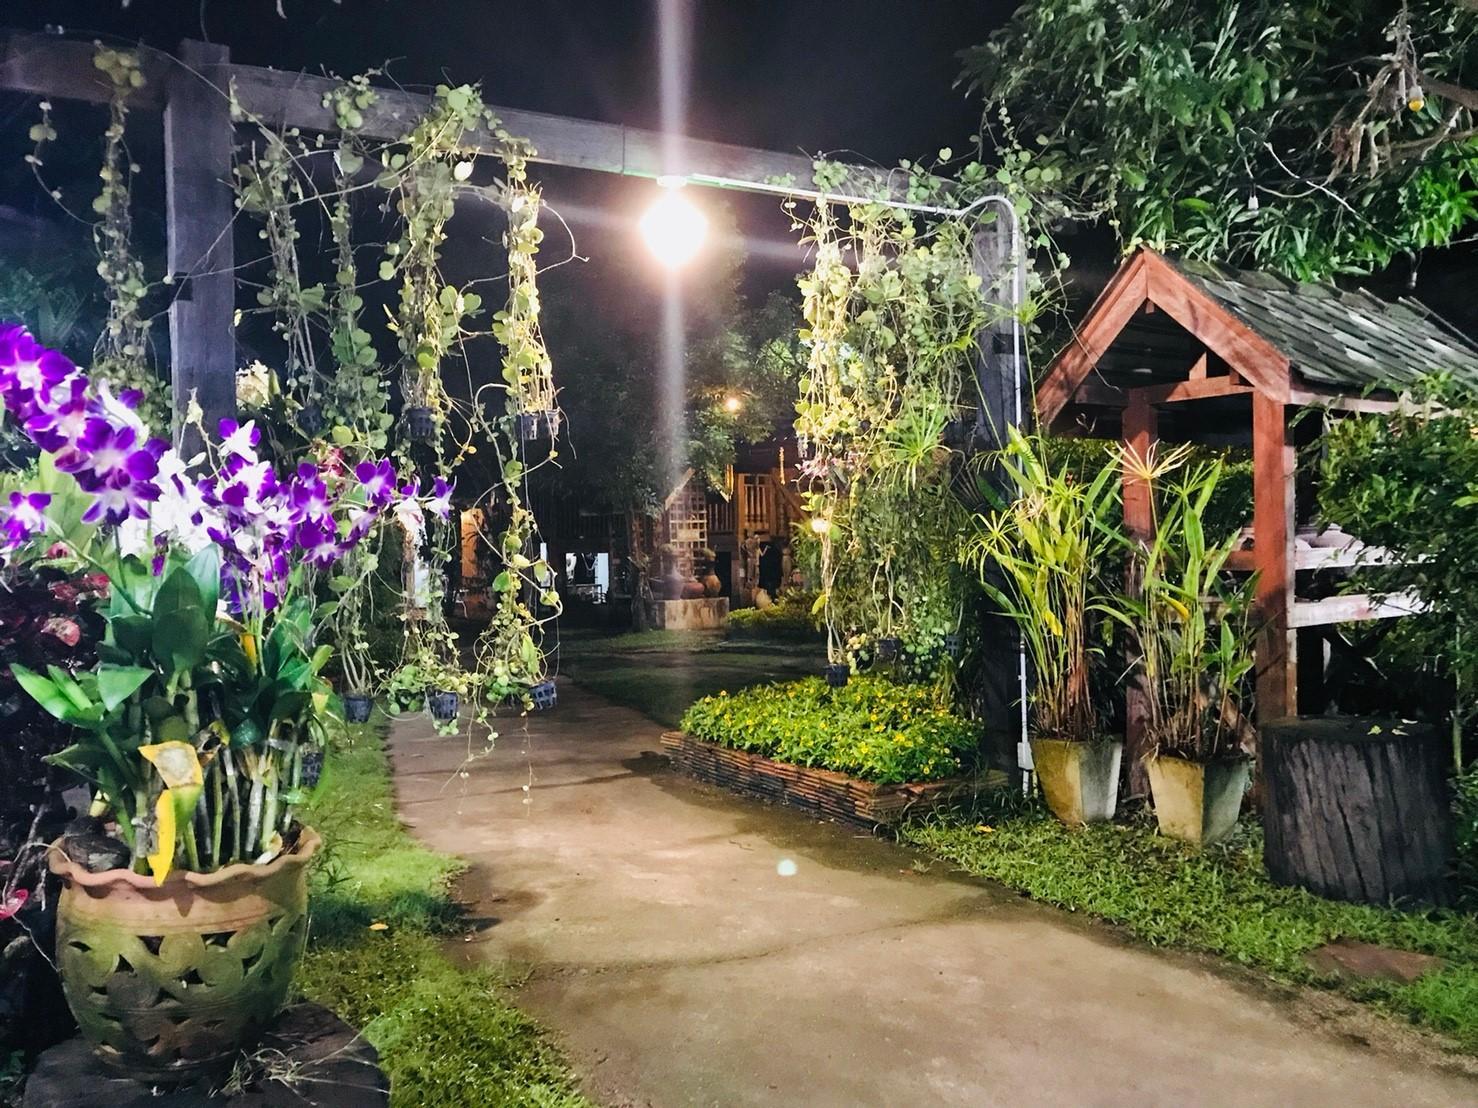 チェンマイの料理教室:夜になるとこんなに綺麗に!!!インスタ映え♡